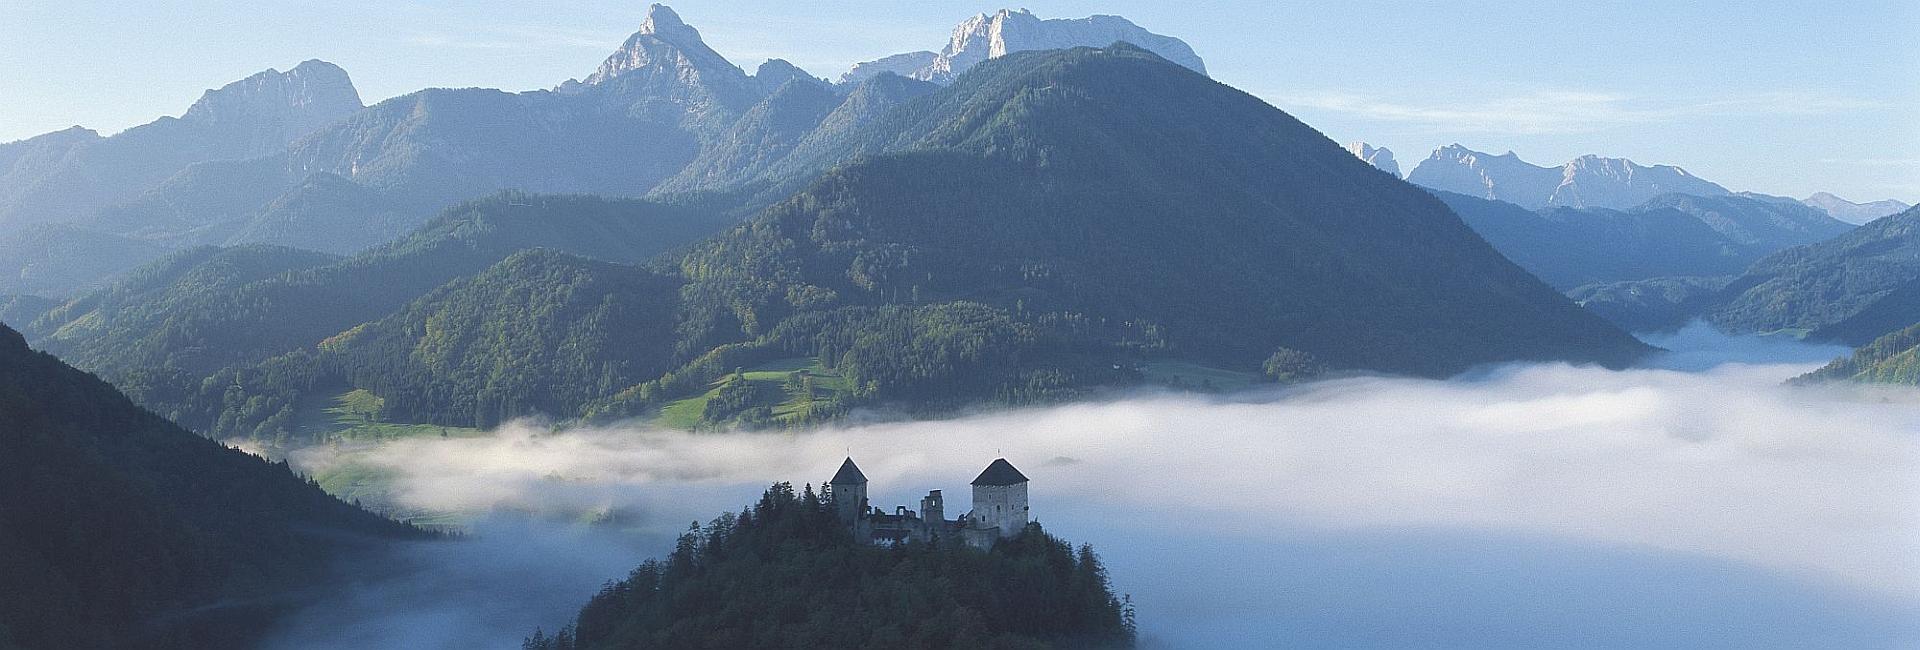 австрия лето национальный парк гезойзе